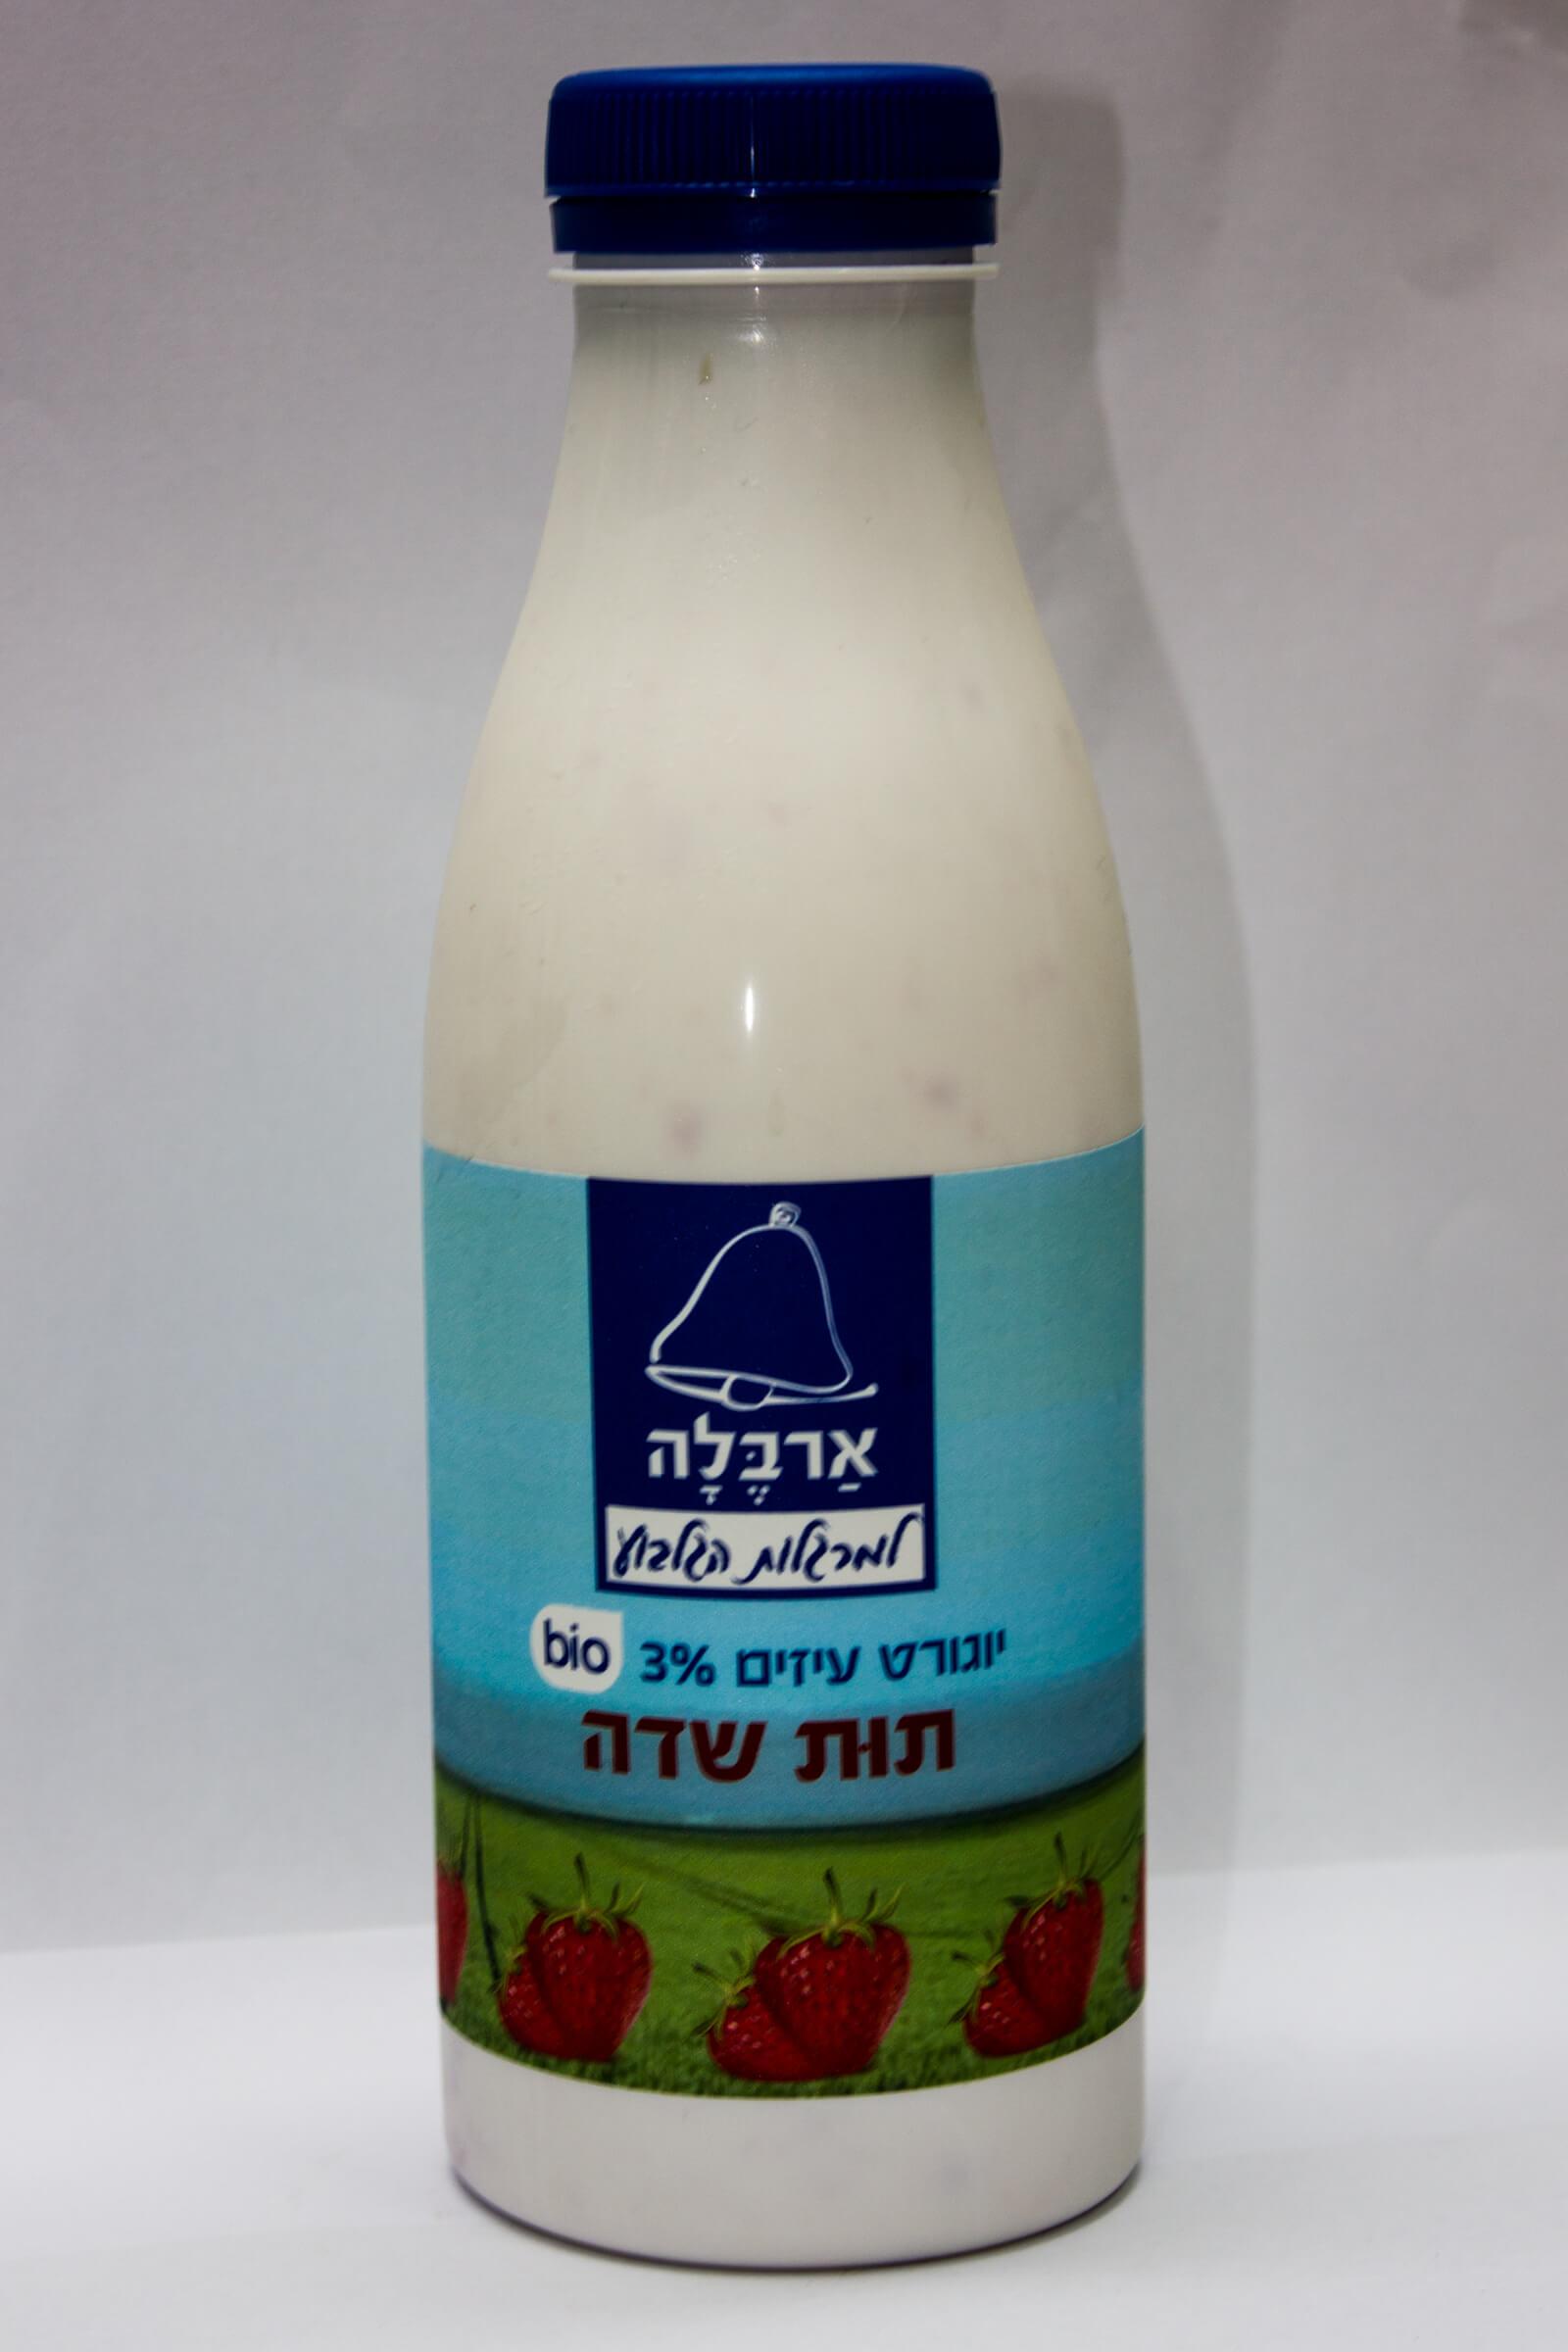 יוגוררט עיזים בטעם תות שדה 3%